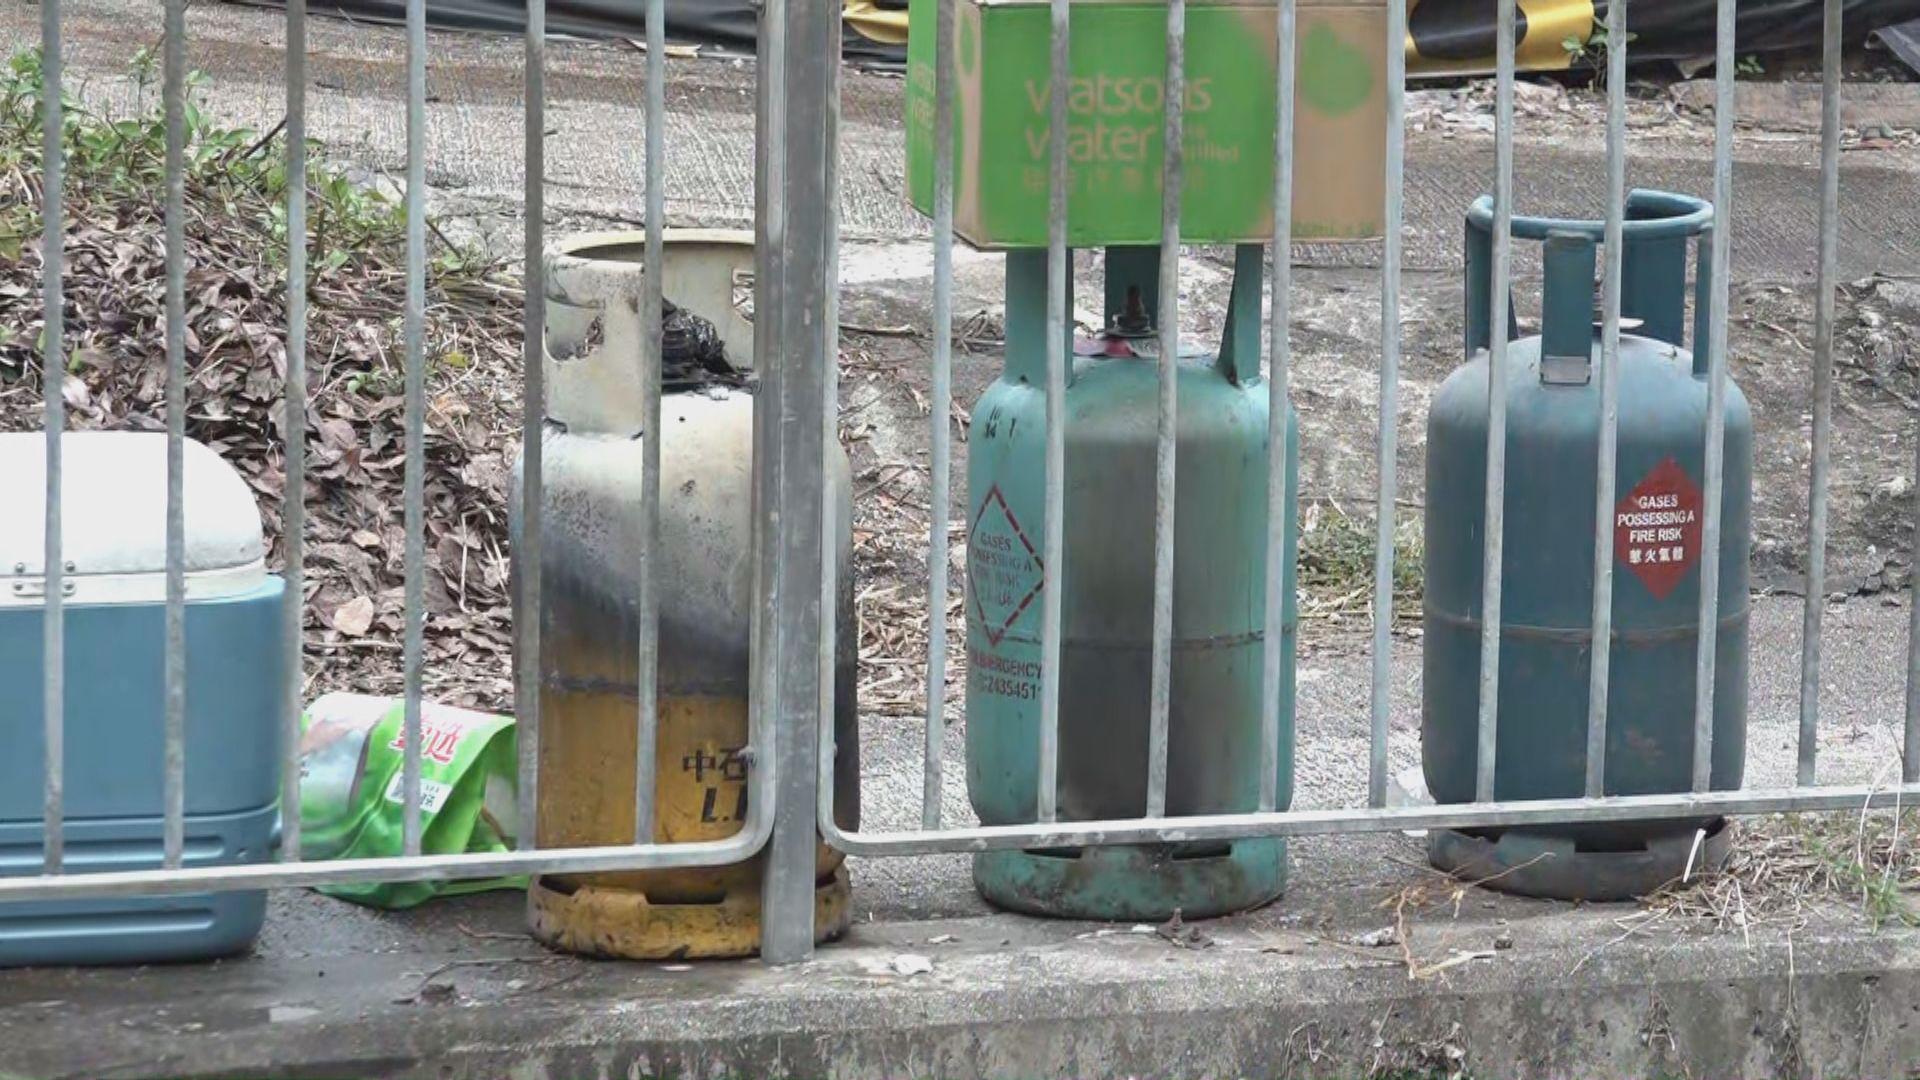 元朗田心新村火警釀成一死兩傷 路邊有多罐石油氣